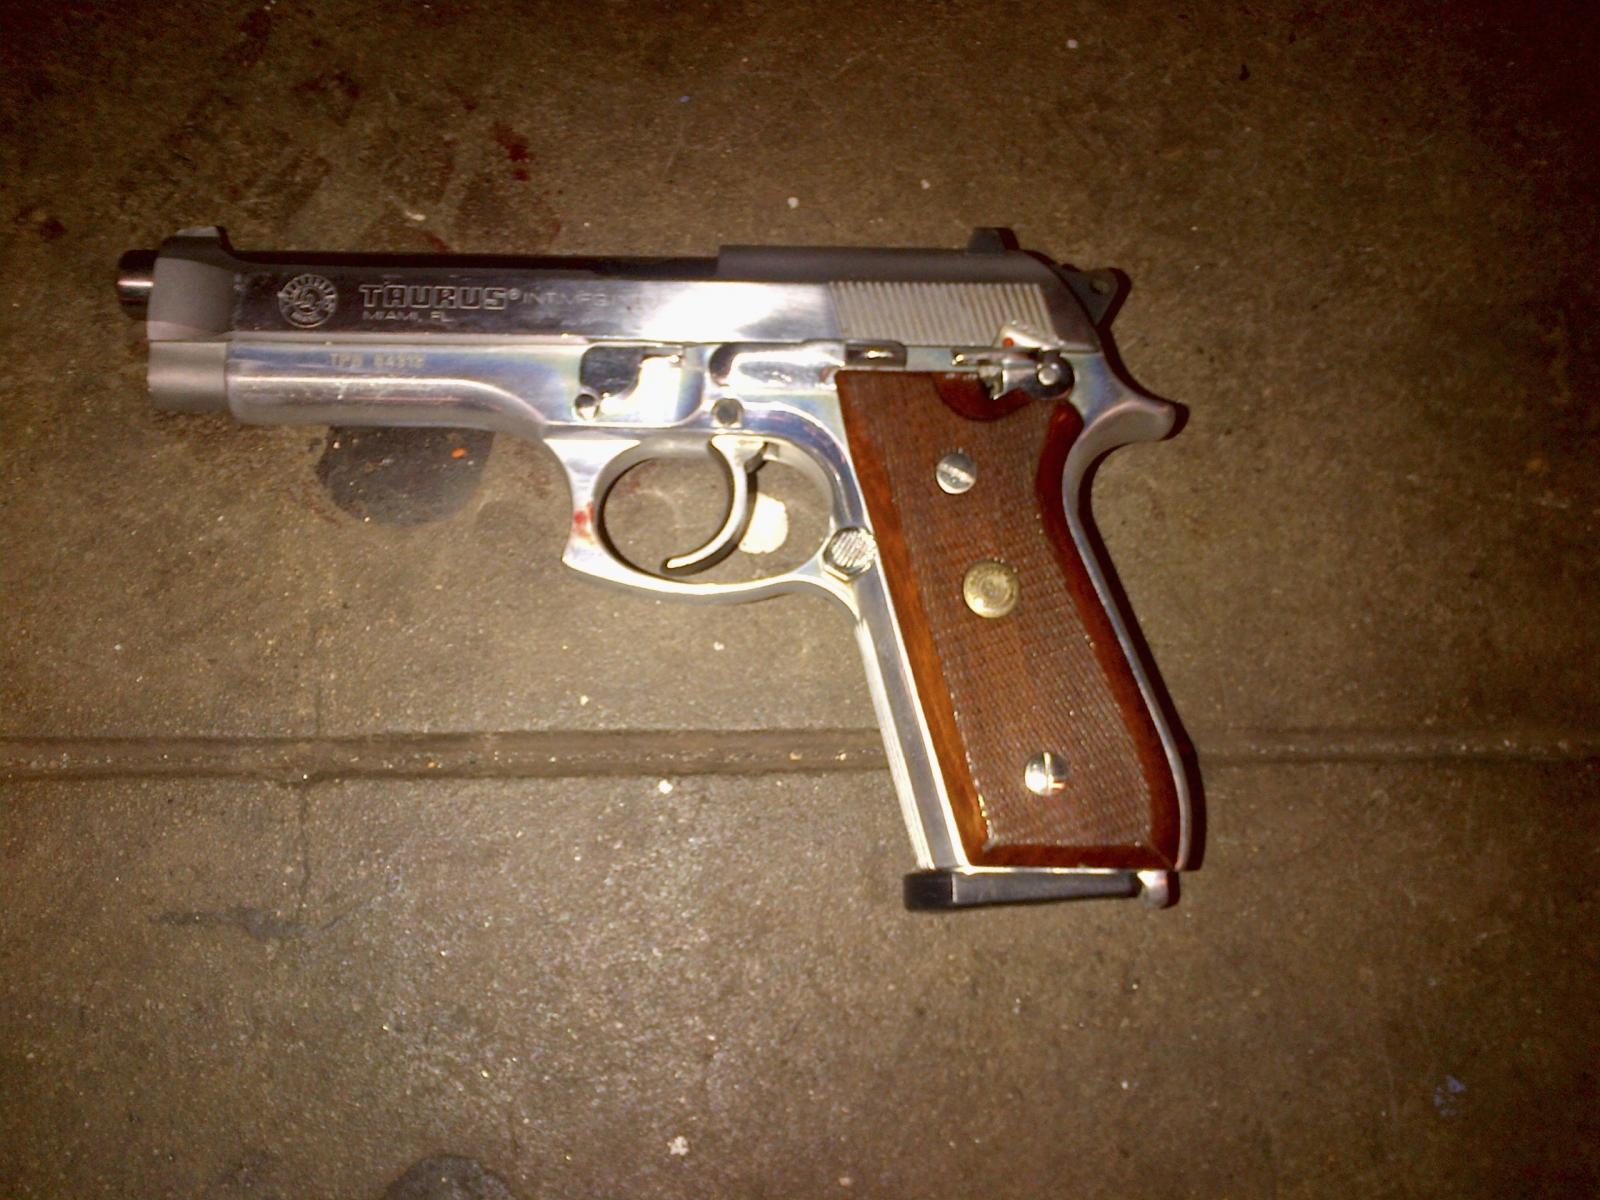 Brinsley's gun